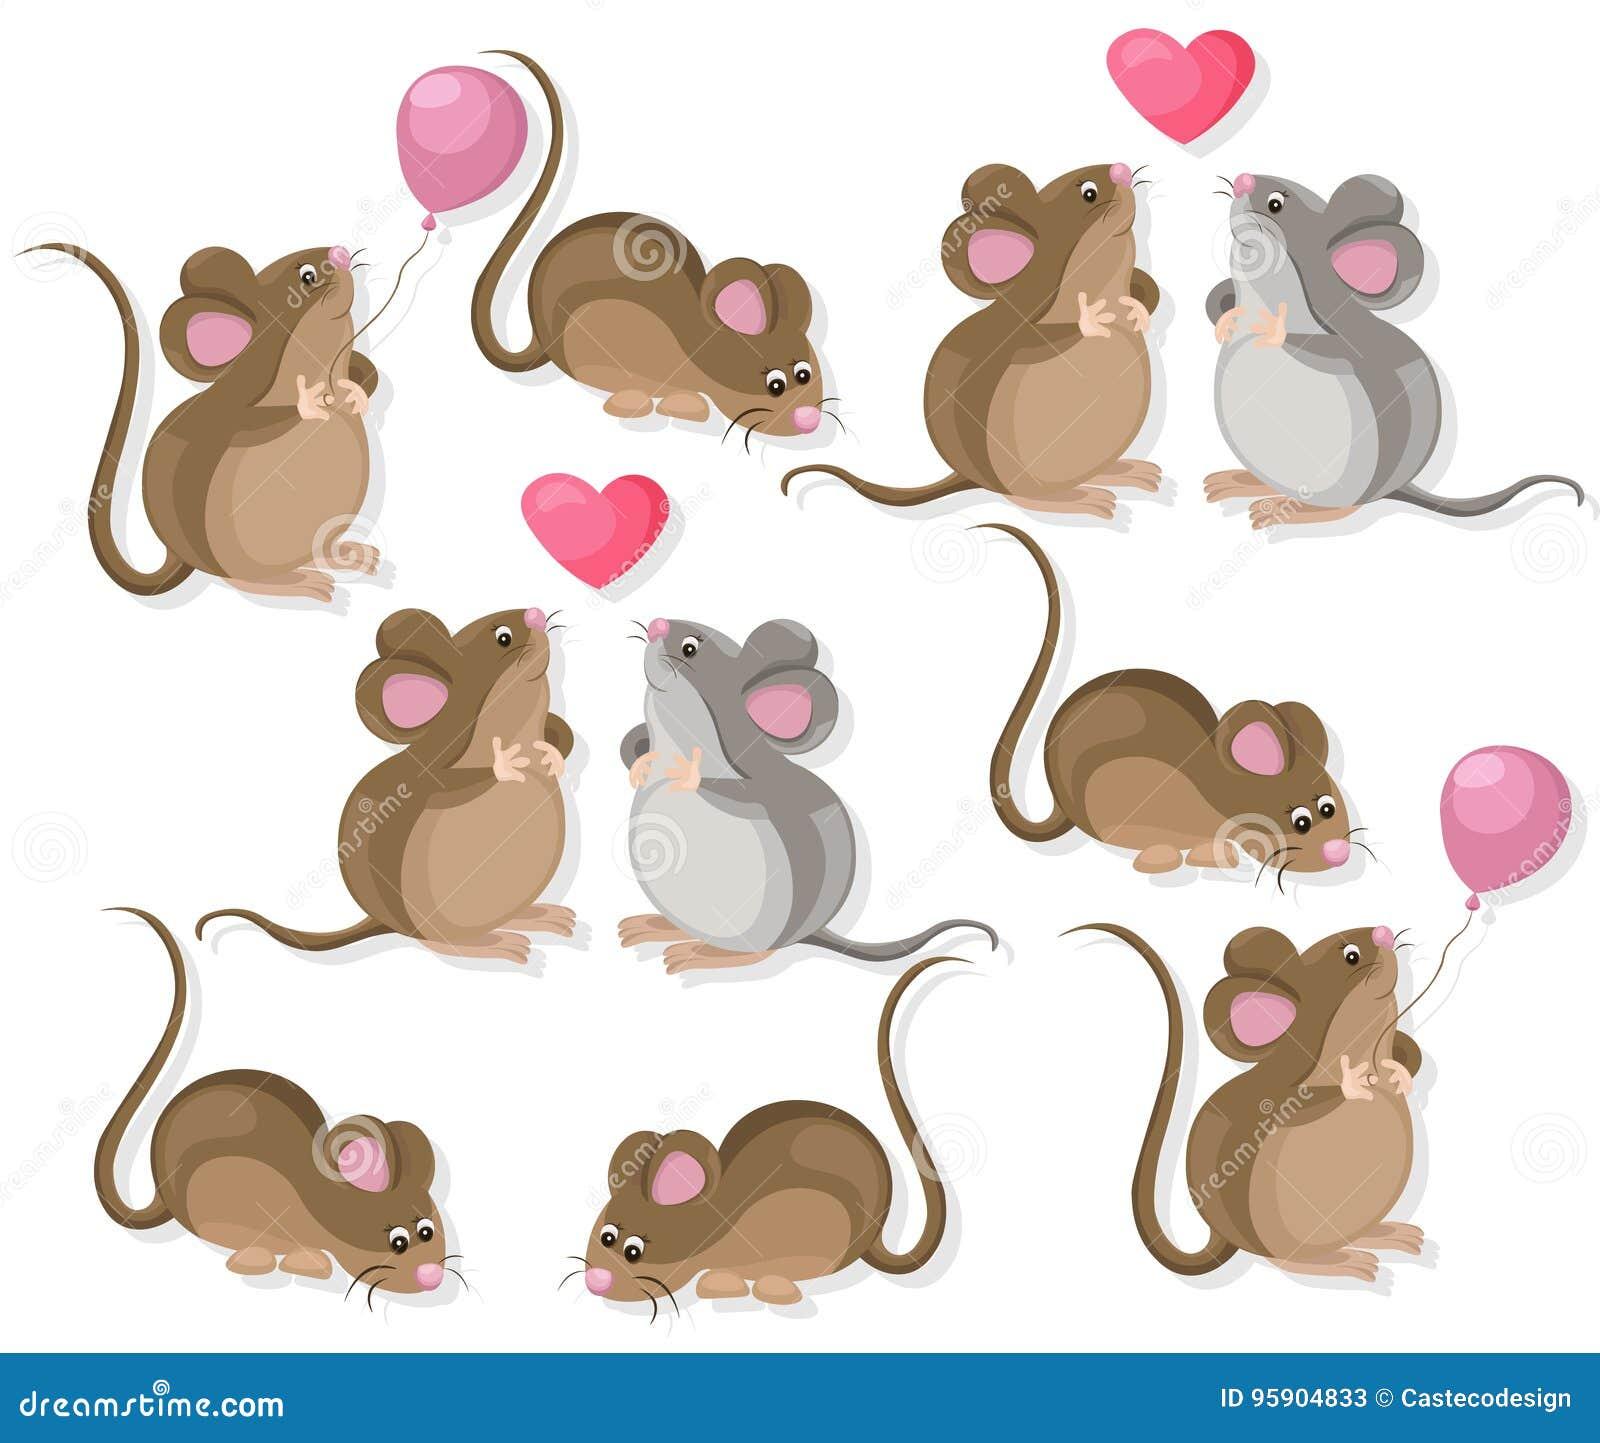 Dessin Amoureux Mignon caractères mignons drôles de couples de souris dans l'amour